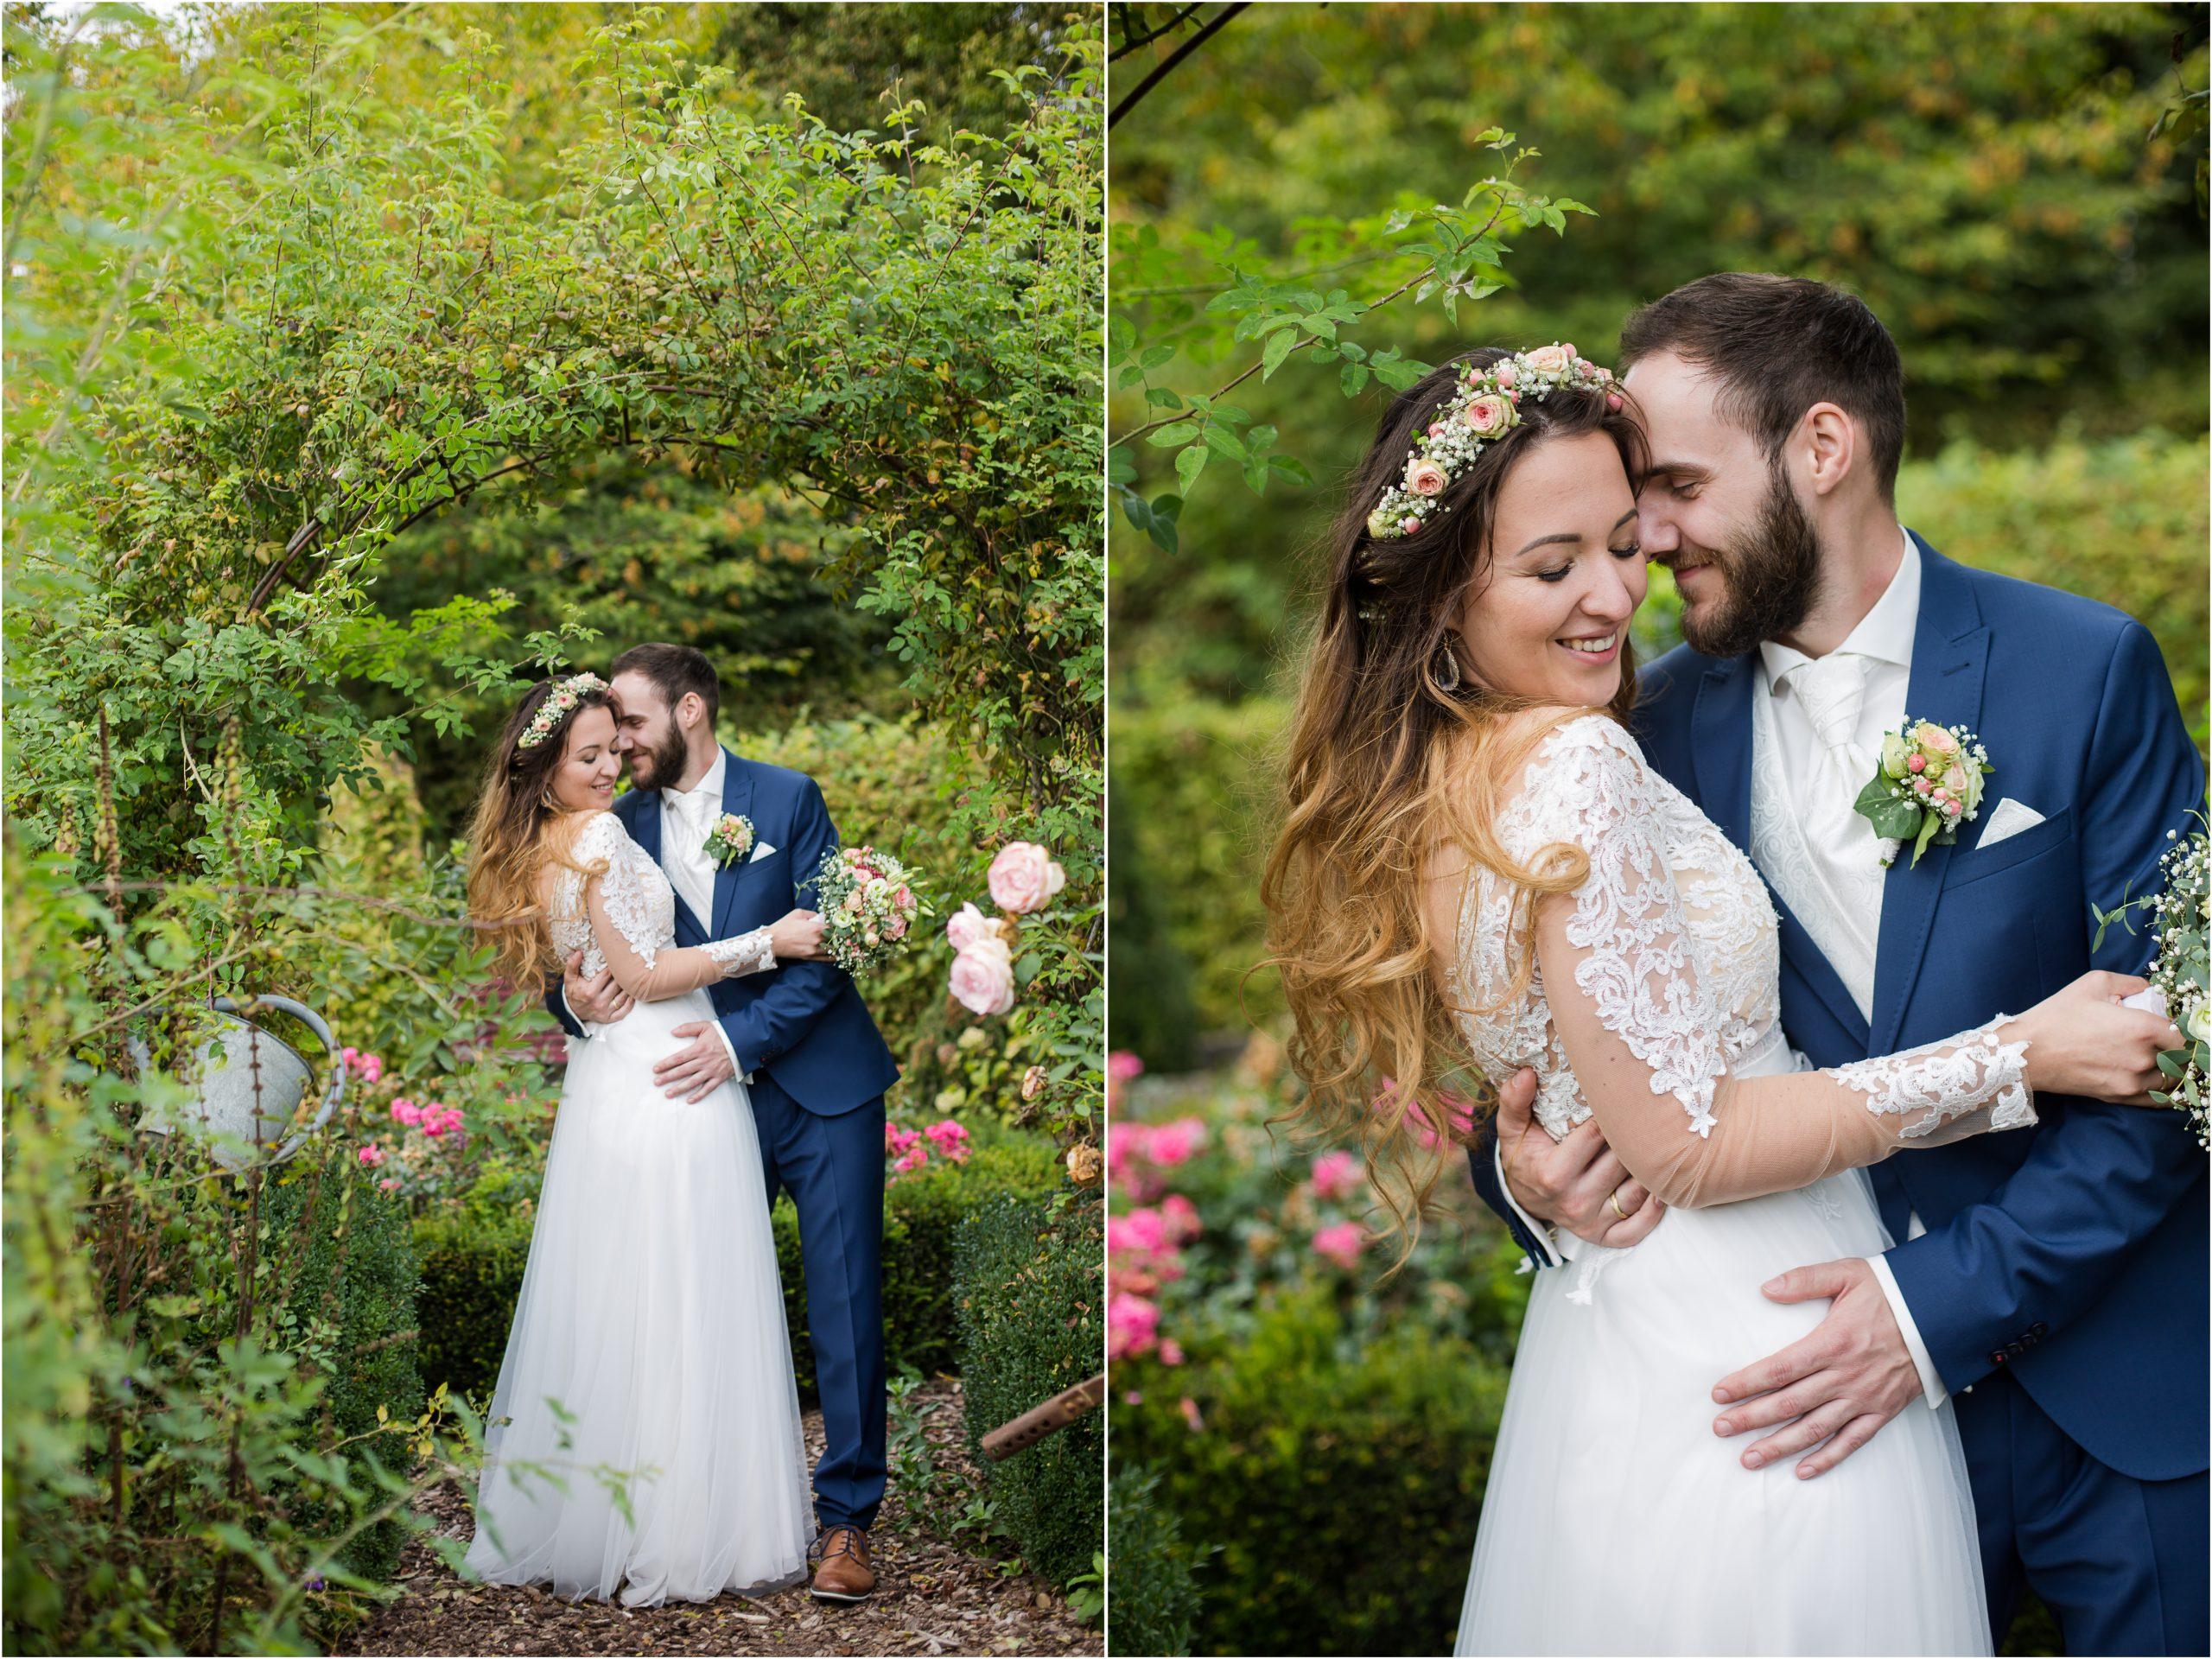 liebevolle Hochzeit im Farbkonzept Apricot